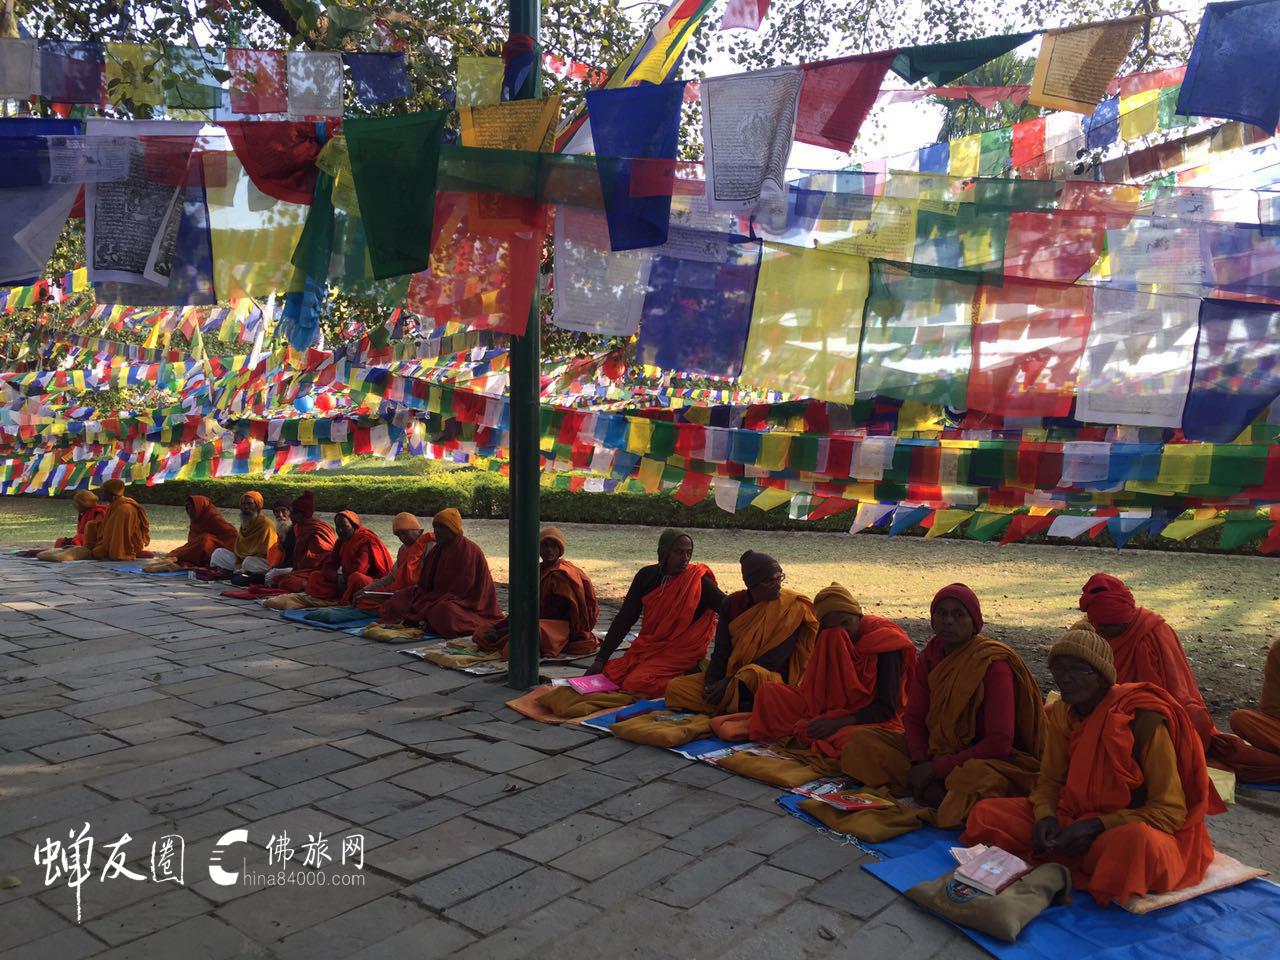 既为朝圣,心与佛同。体佛之心,悟佛之行。— 2017开春·蝉友圈佛旅网印度尼泊尔朝圣之旅